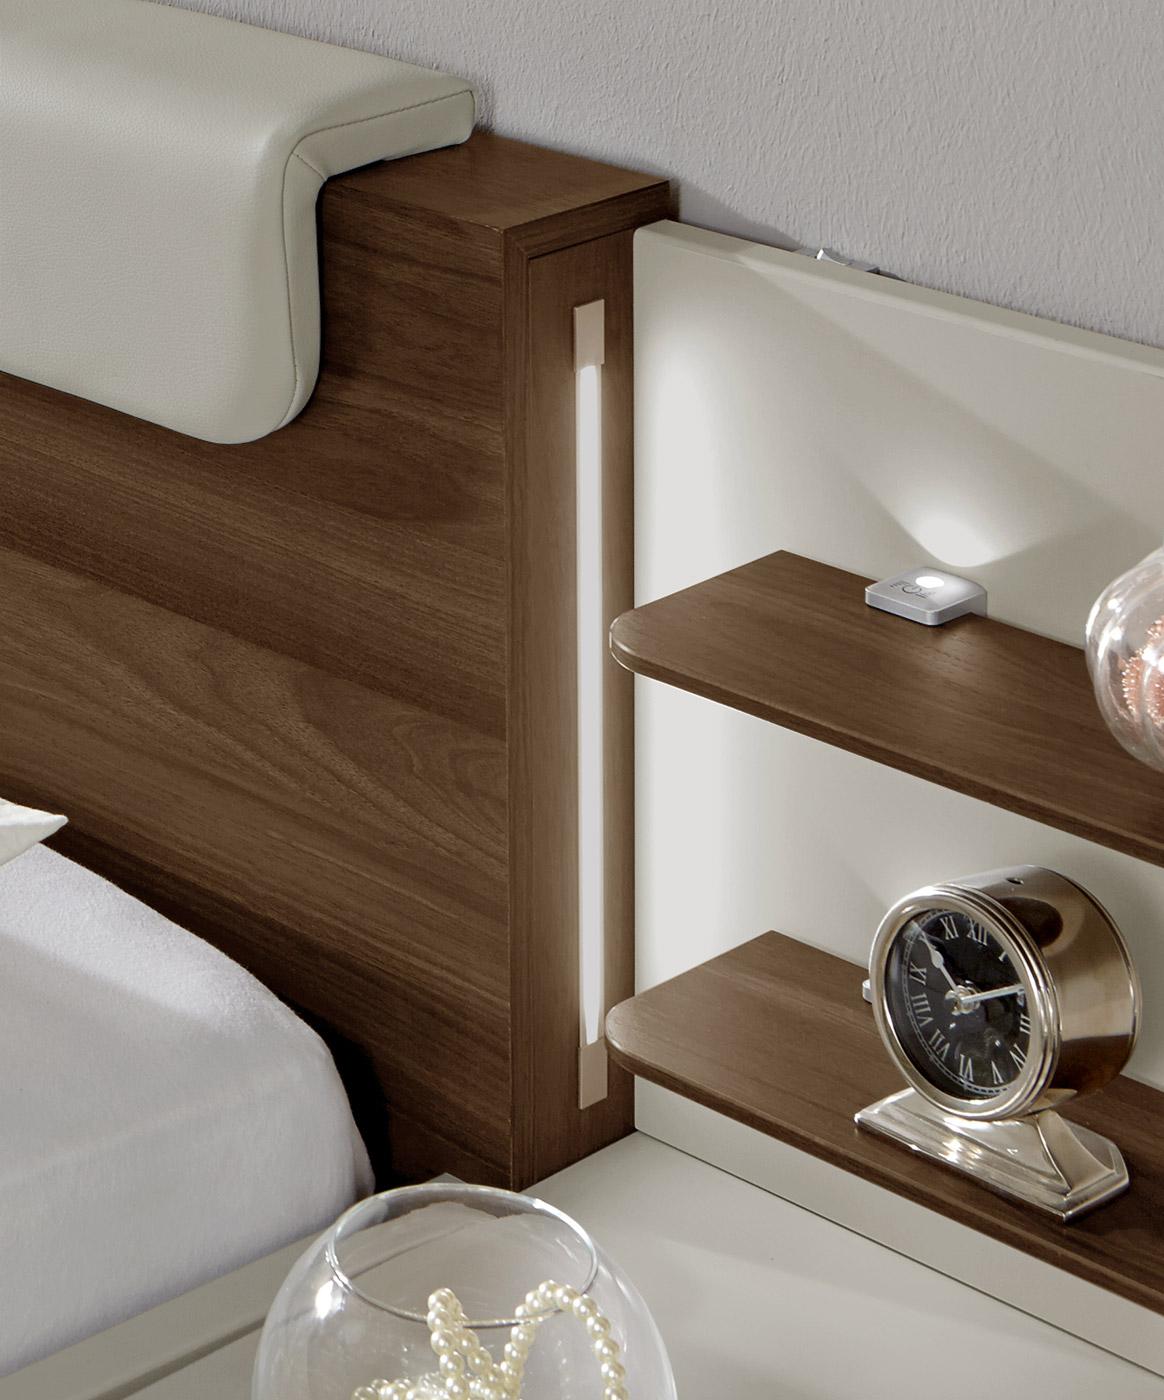 schwebebett z b in 140x200 in holzdekor und cremewei patiala. Black Bedroom Furniture Sets. Home Design Ideas